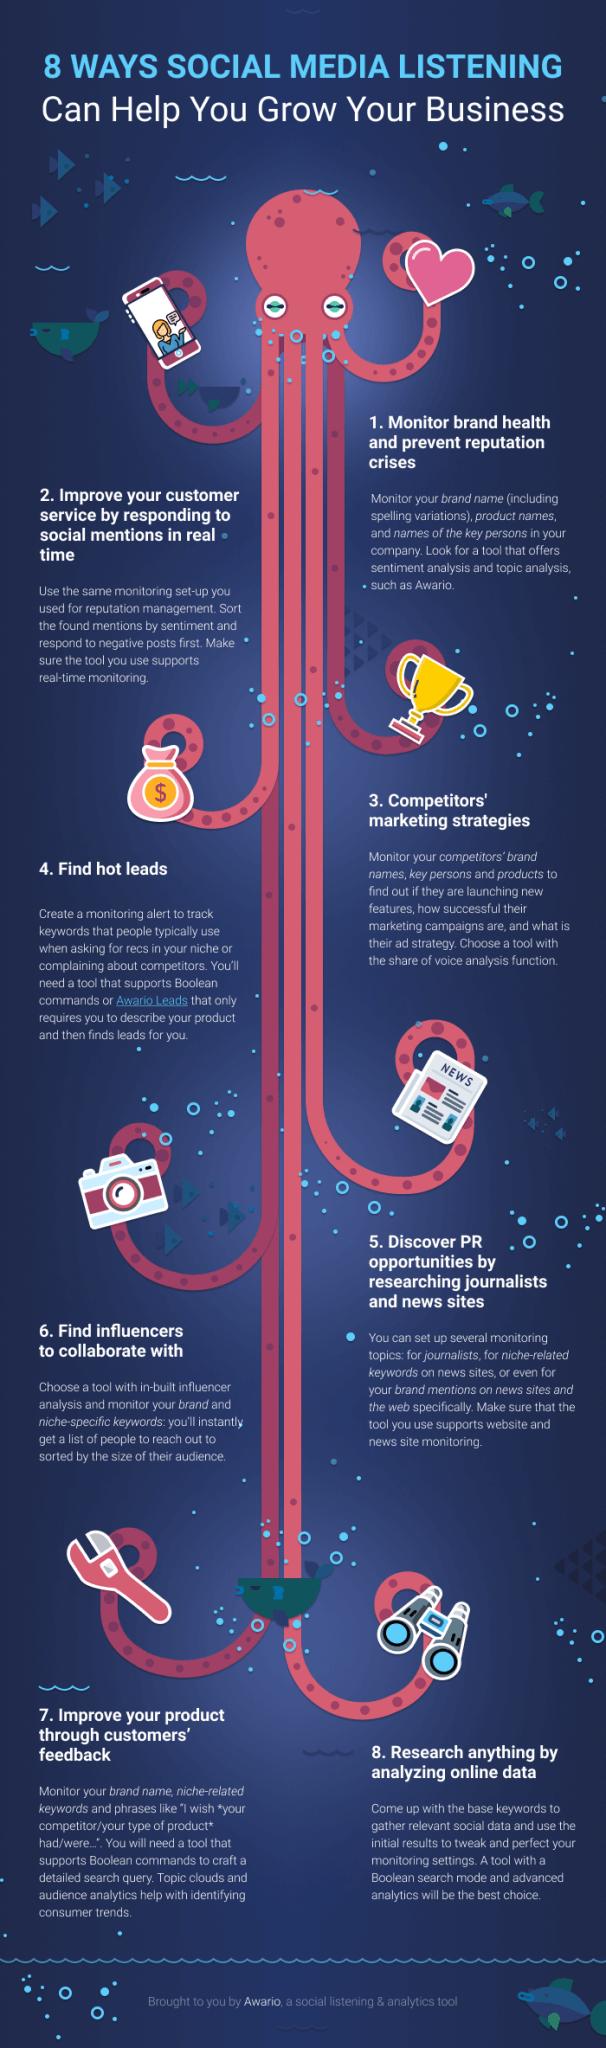 infographic-ways-social-media-listening